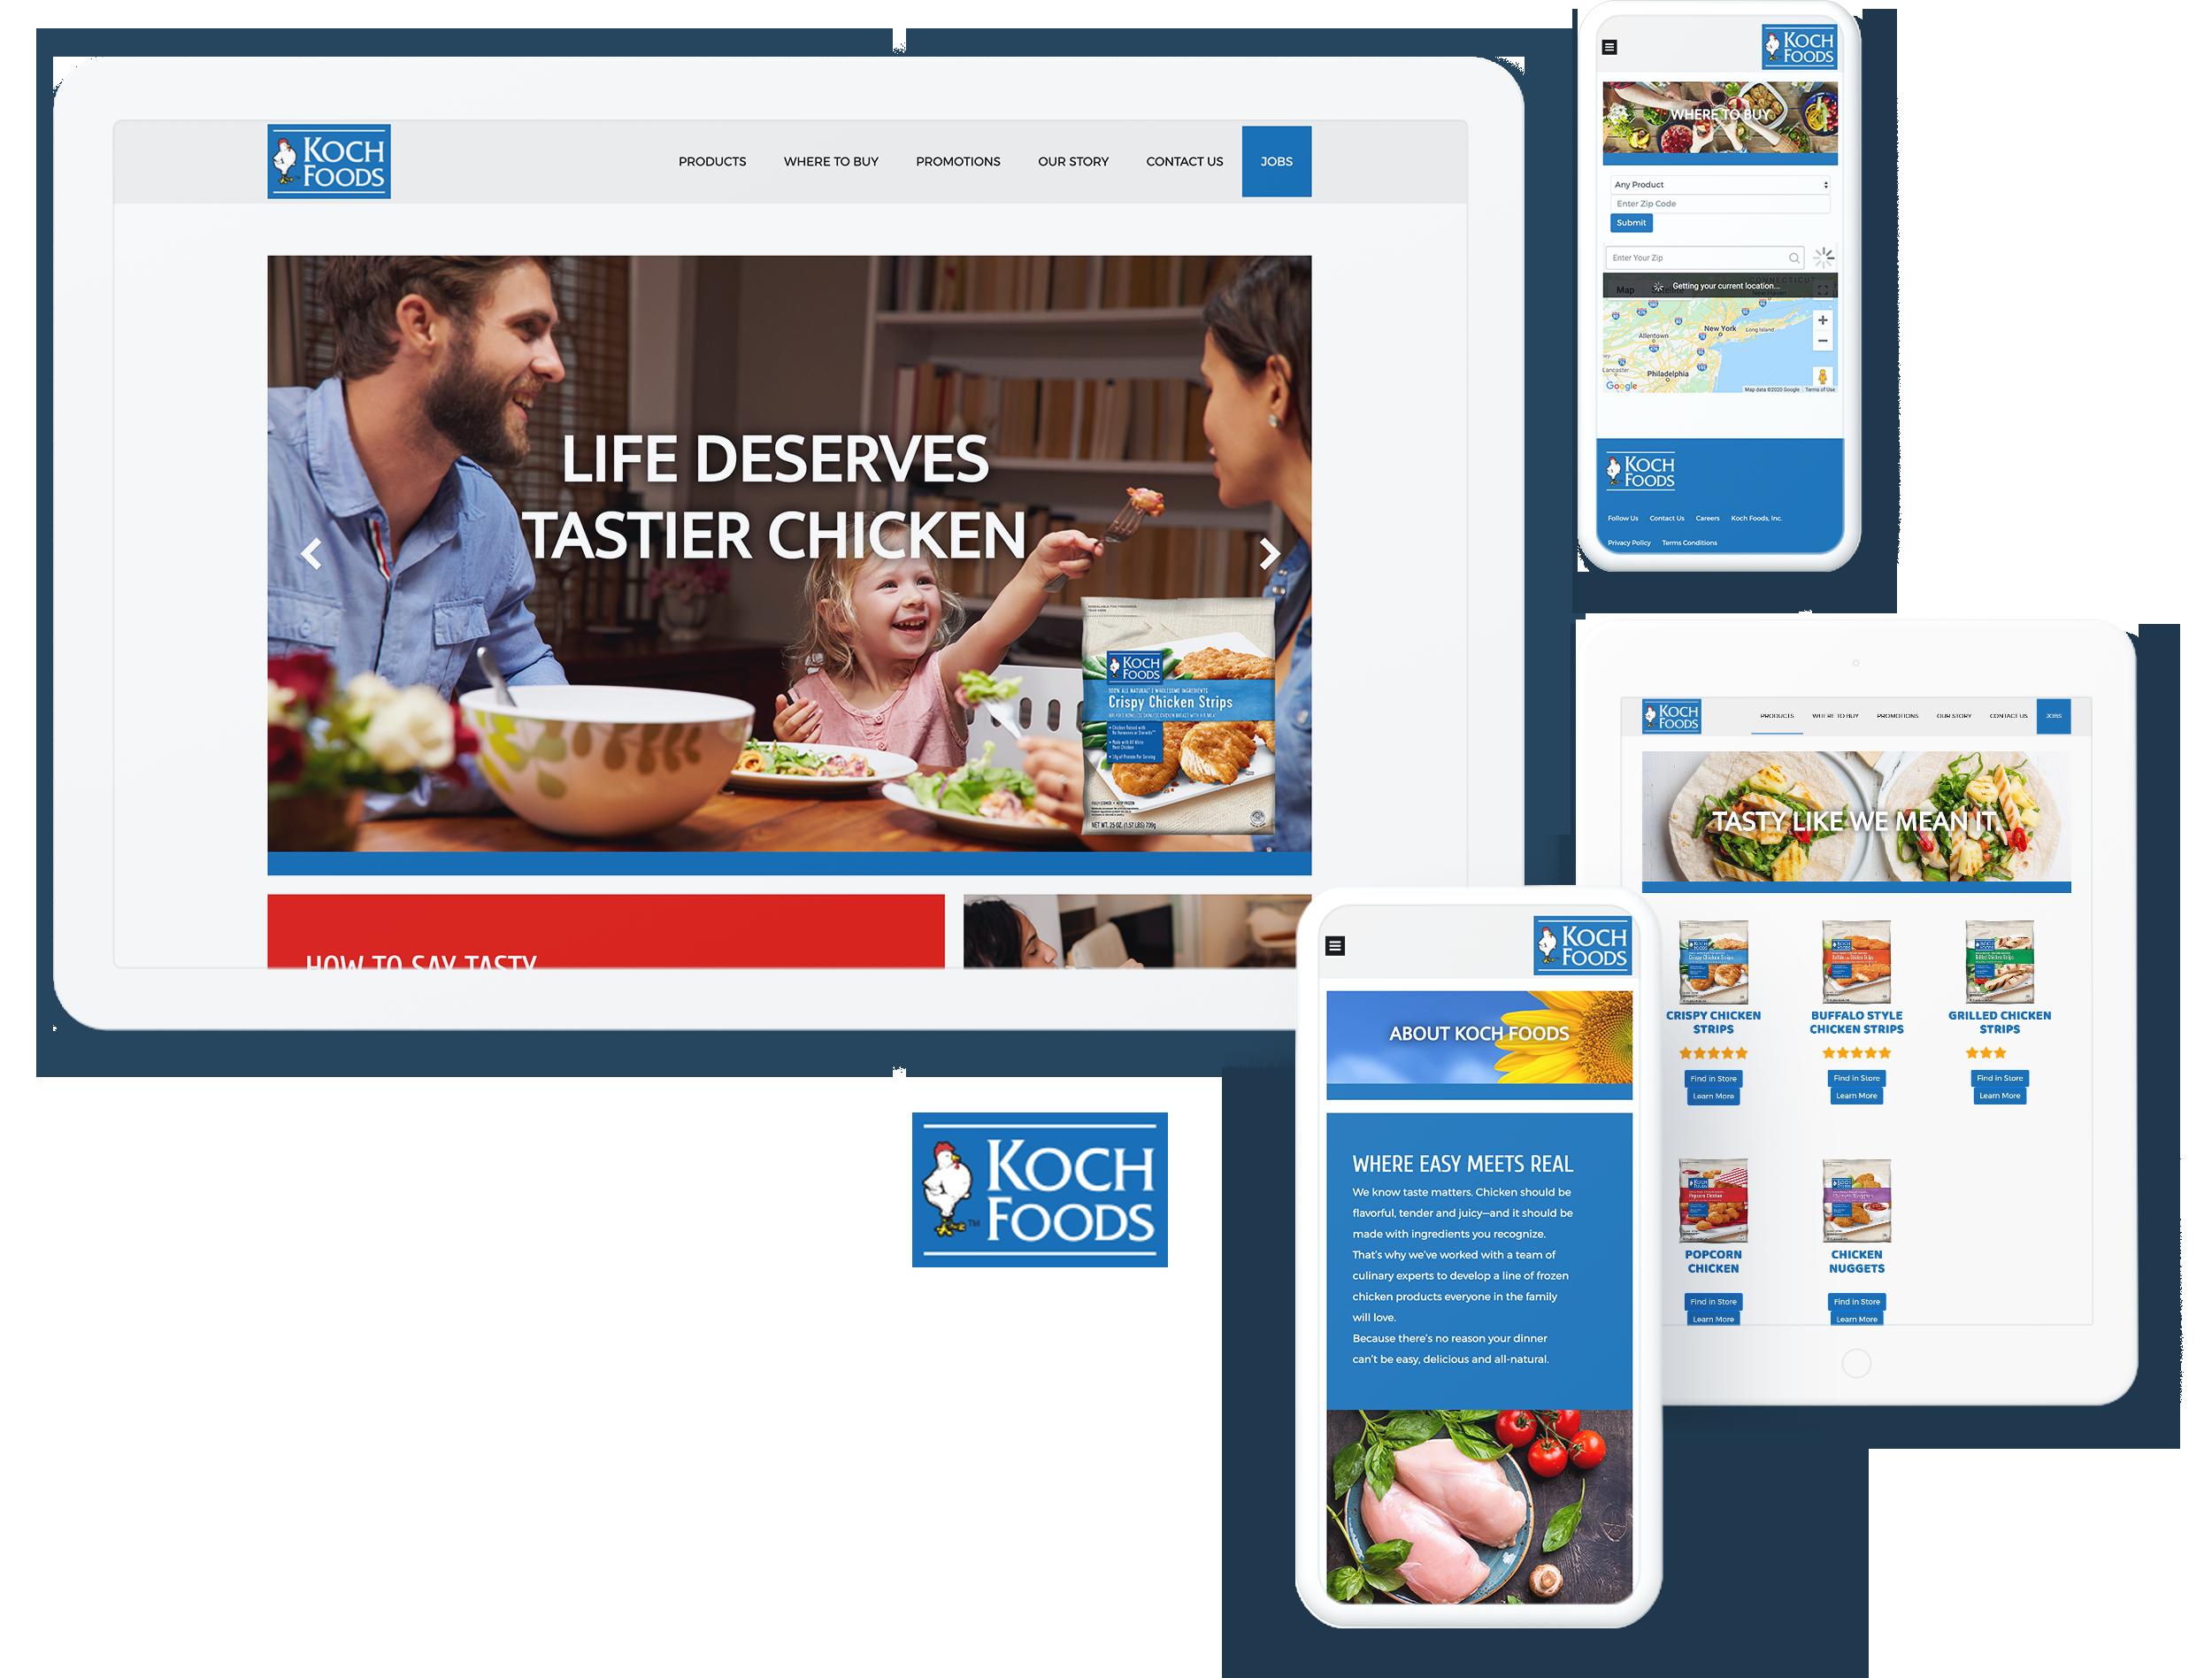 Koch_Foods_Spotlight